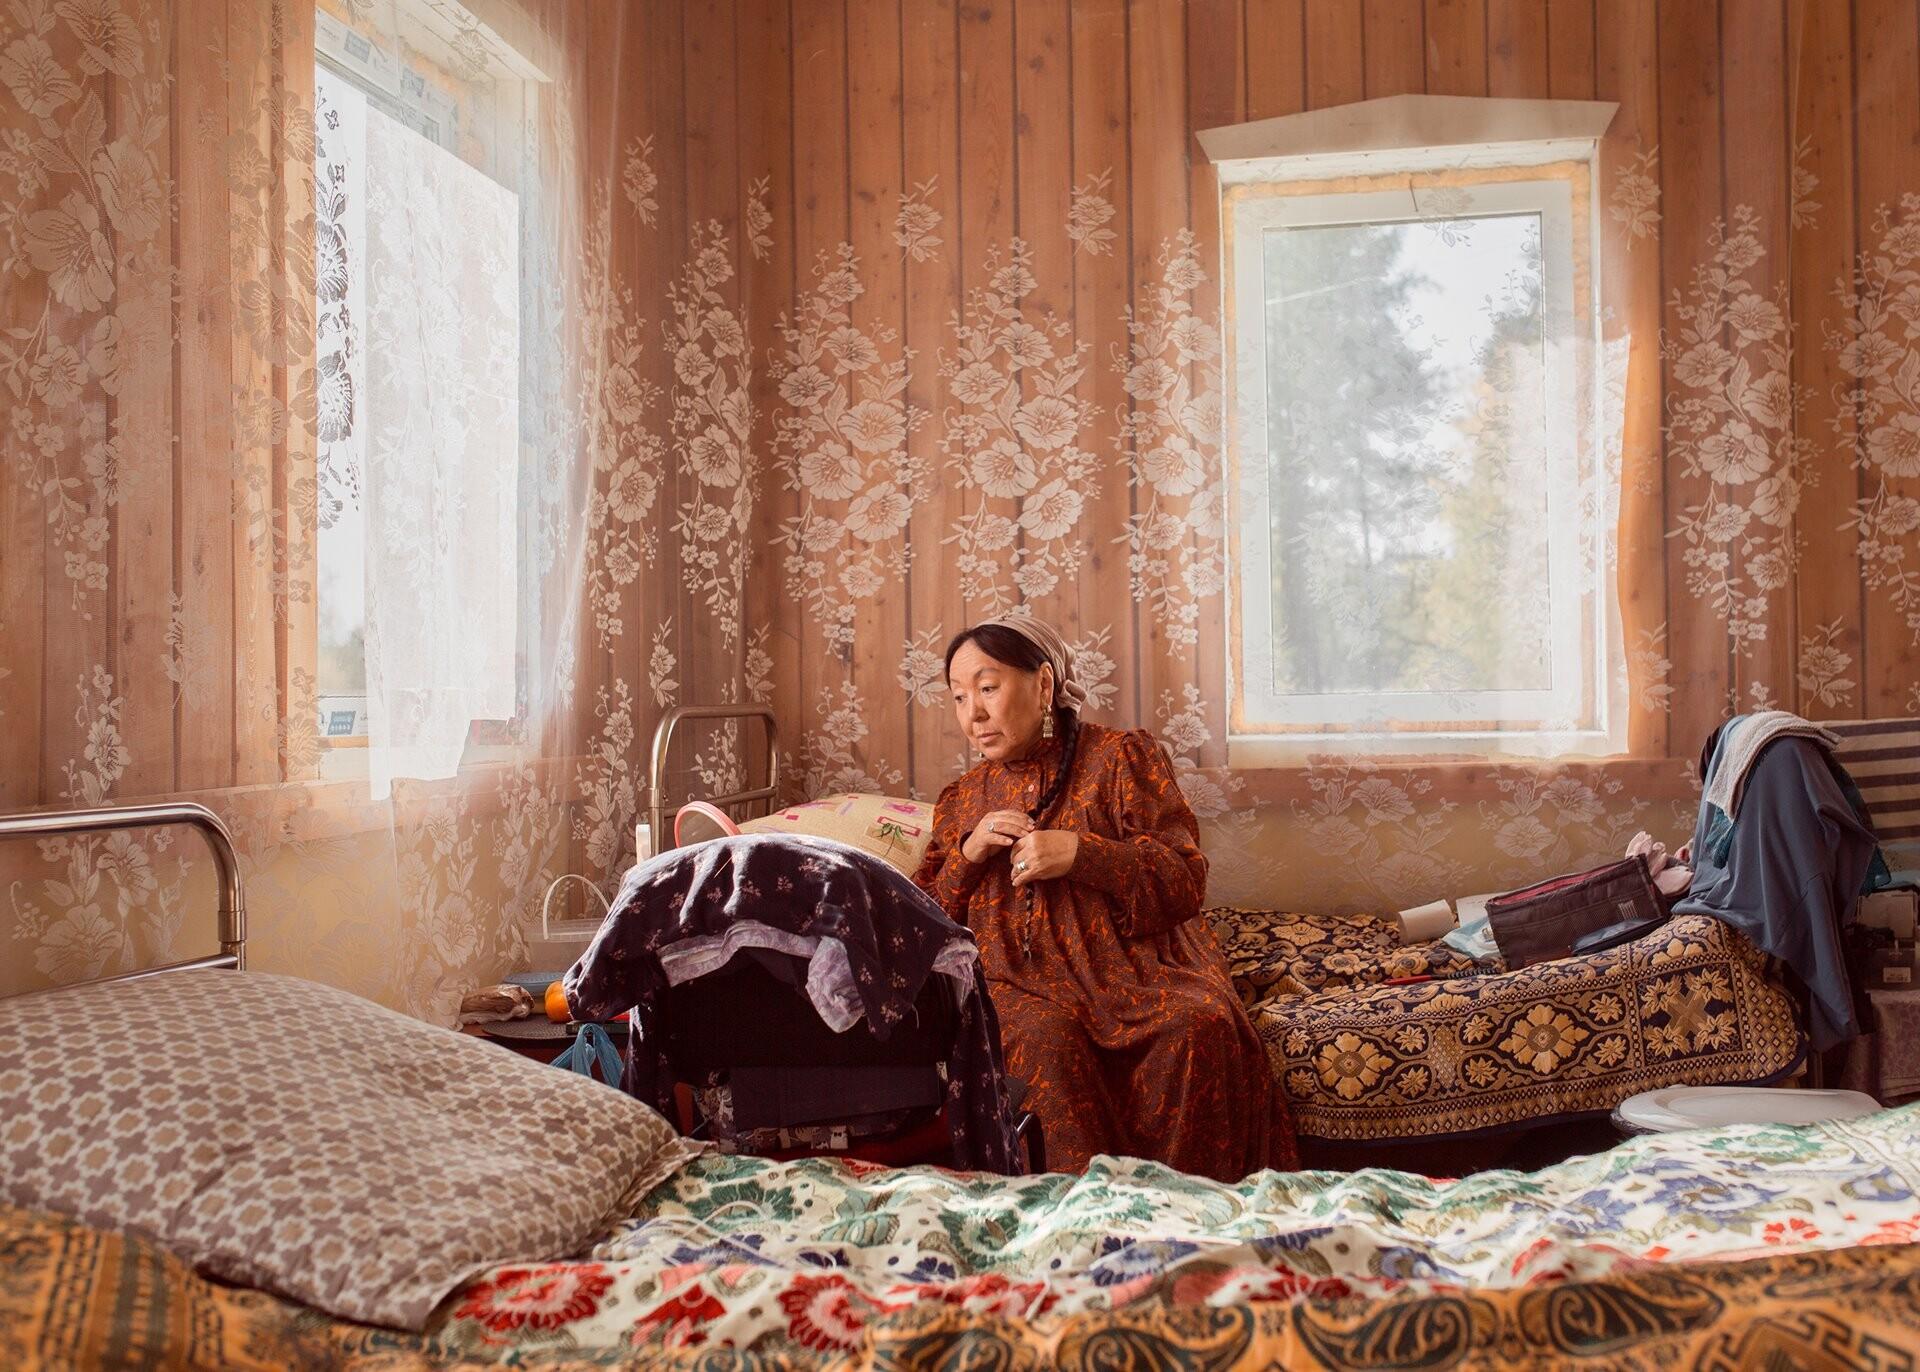 Актриса театра Изабелла Николаева в общежитии готовится к съёмкам исторической комедии по мотивам произведения якутского писателя Николая Неустроева. Фотограф Алексей Васильев